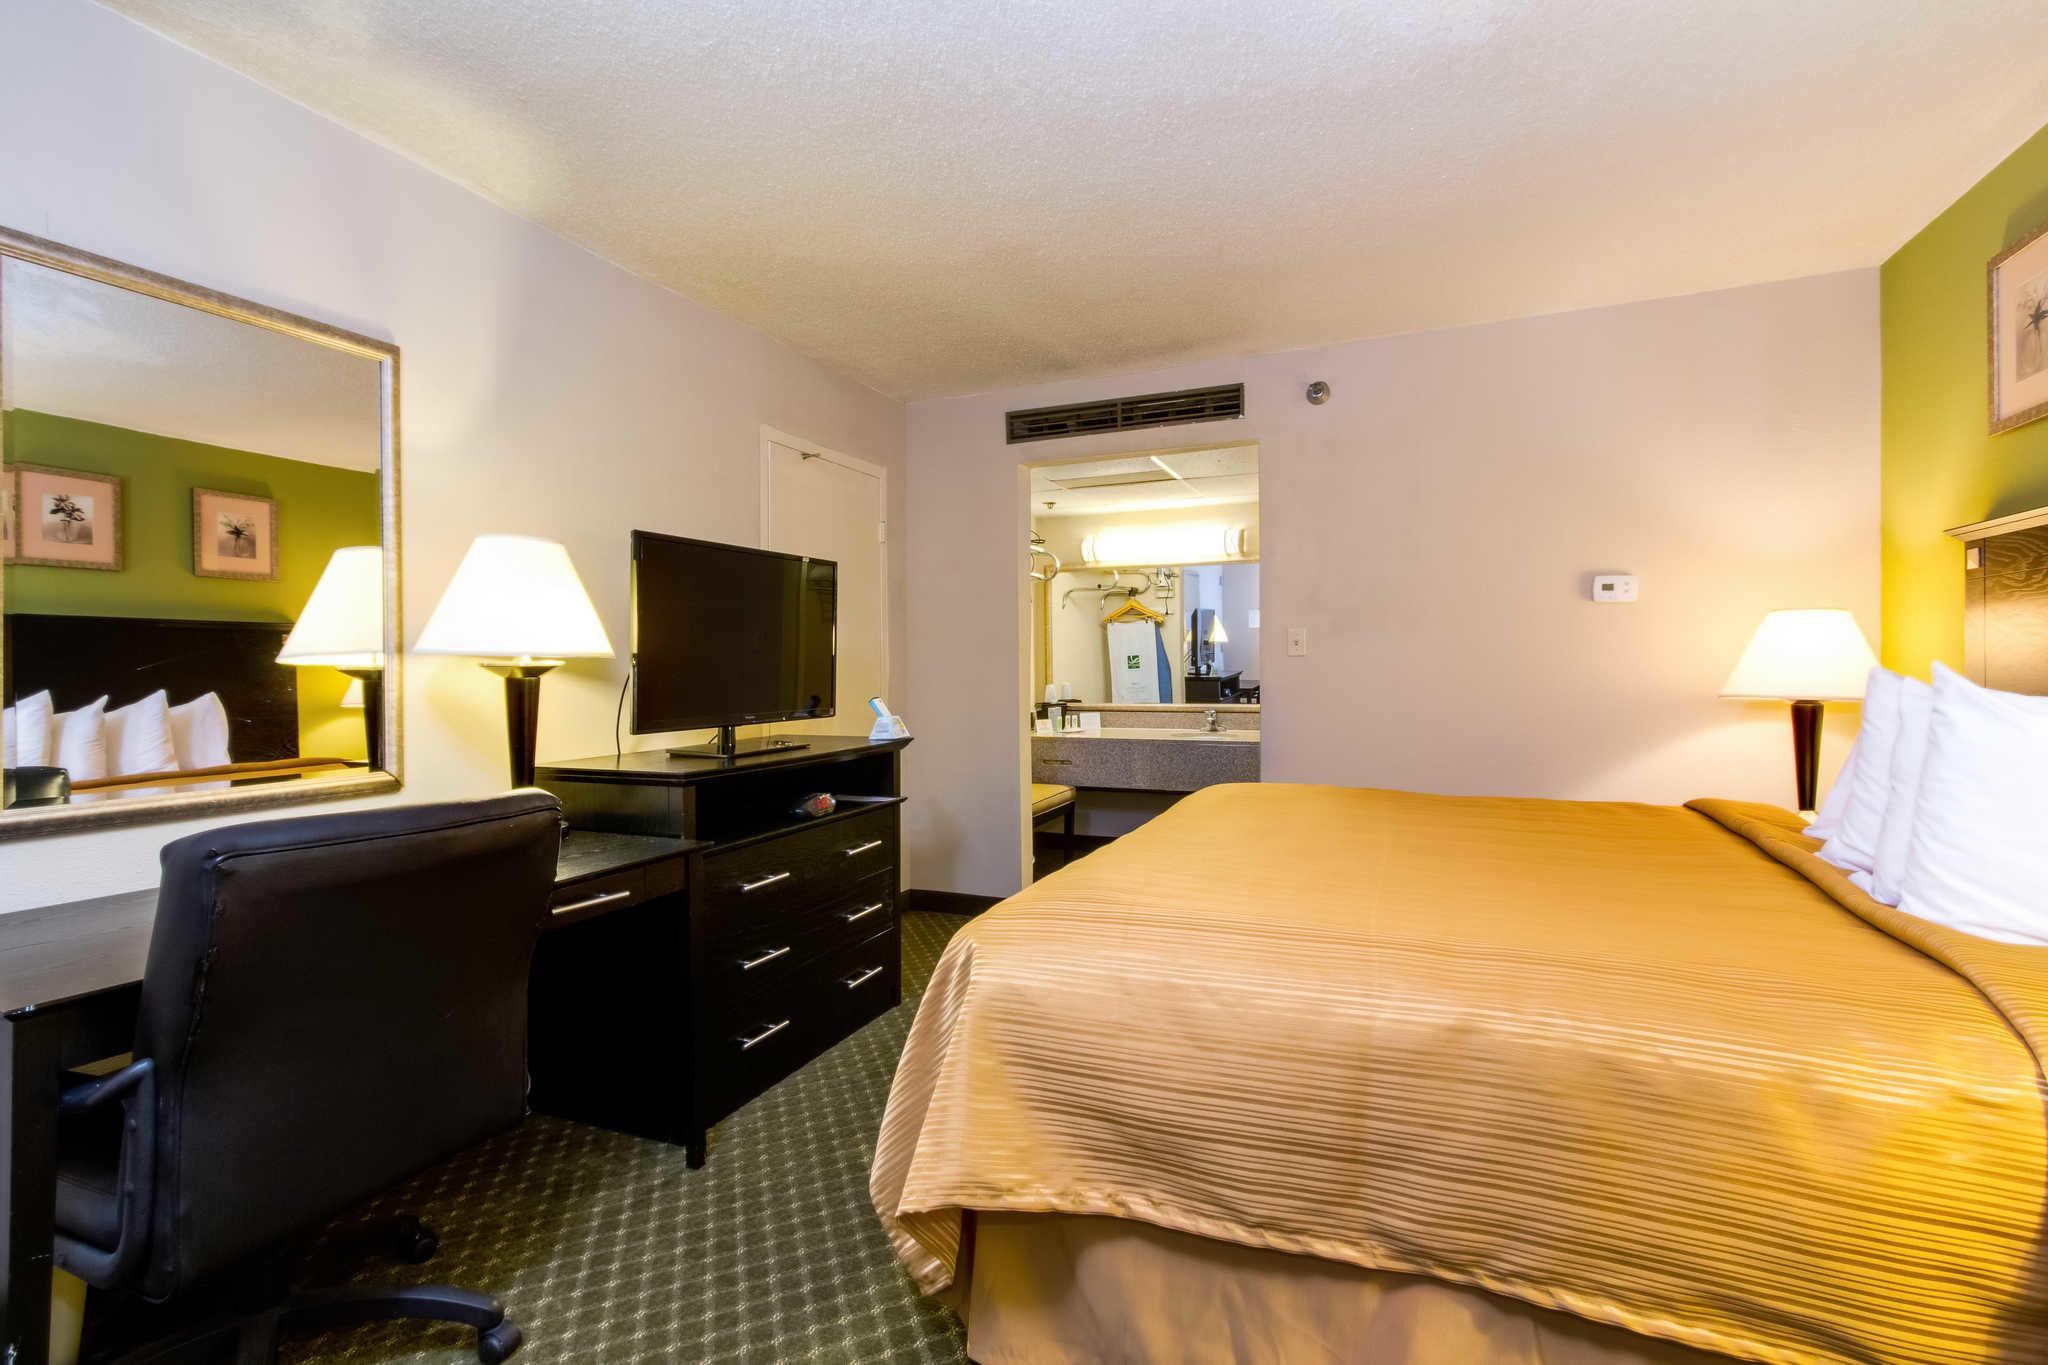 Quality Inn & Suites Moline - Quad Cities image 6